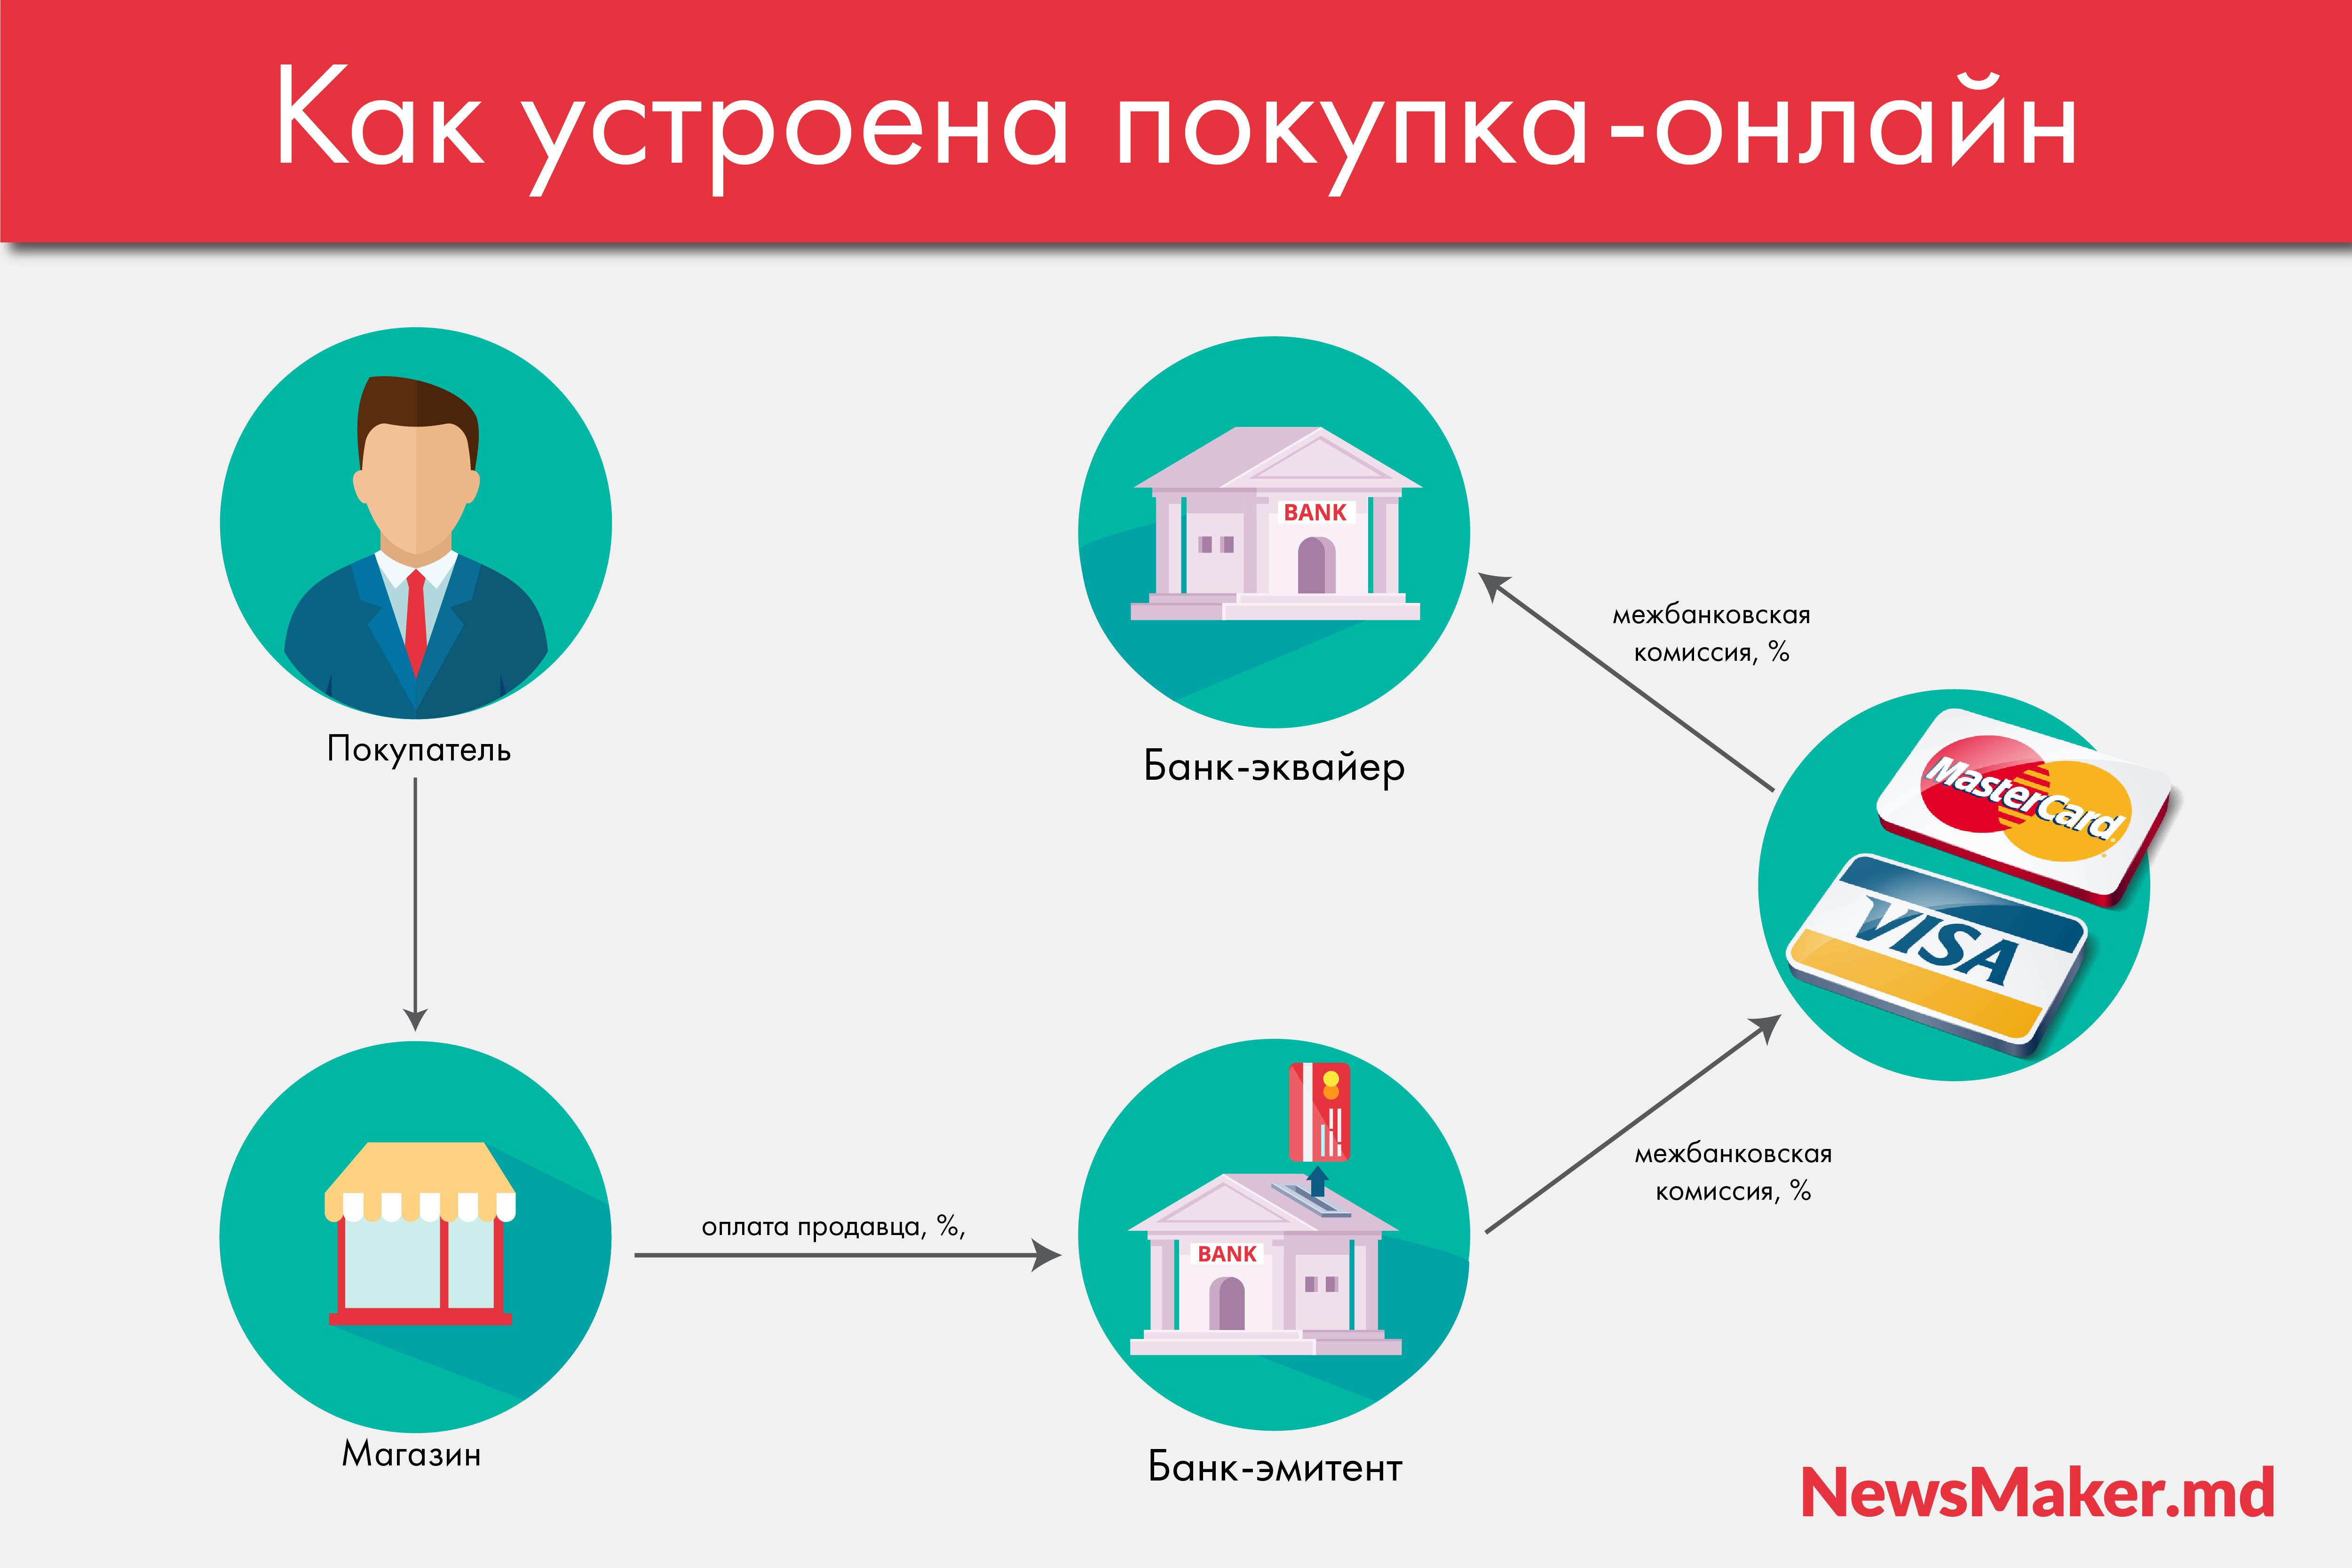 Открыть онлайн-магазин в Молдове — это сложно и дорого. Или нет? Гид от NM